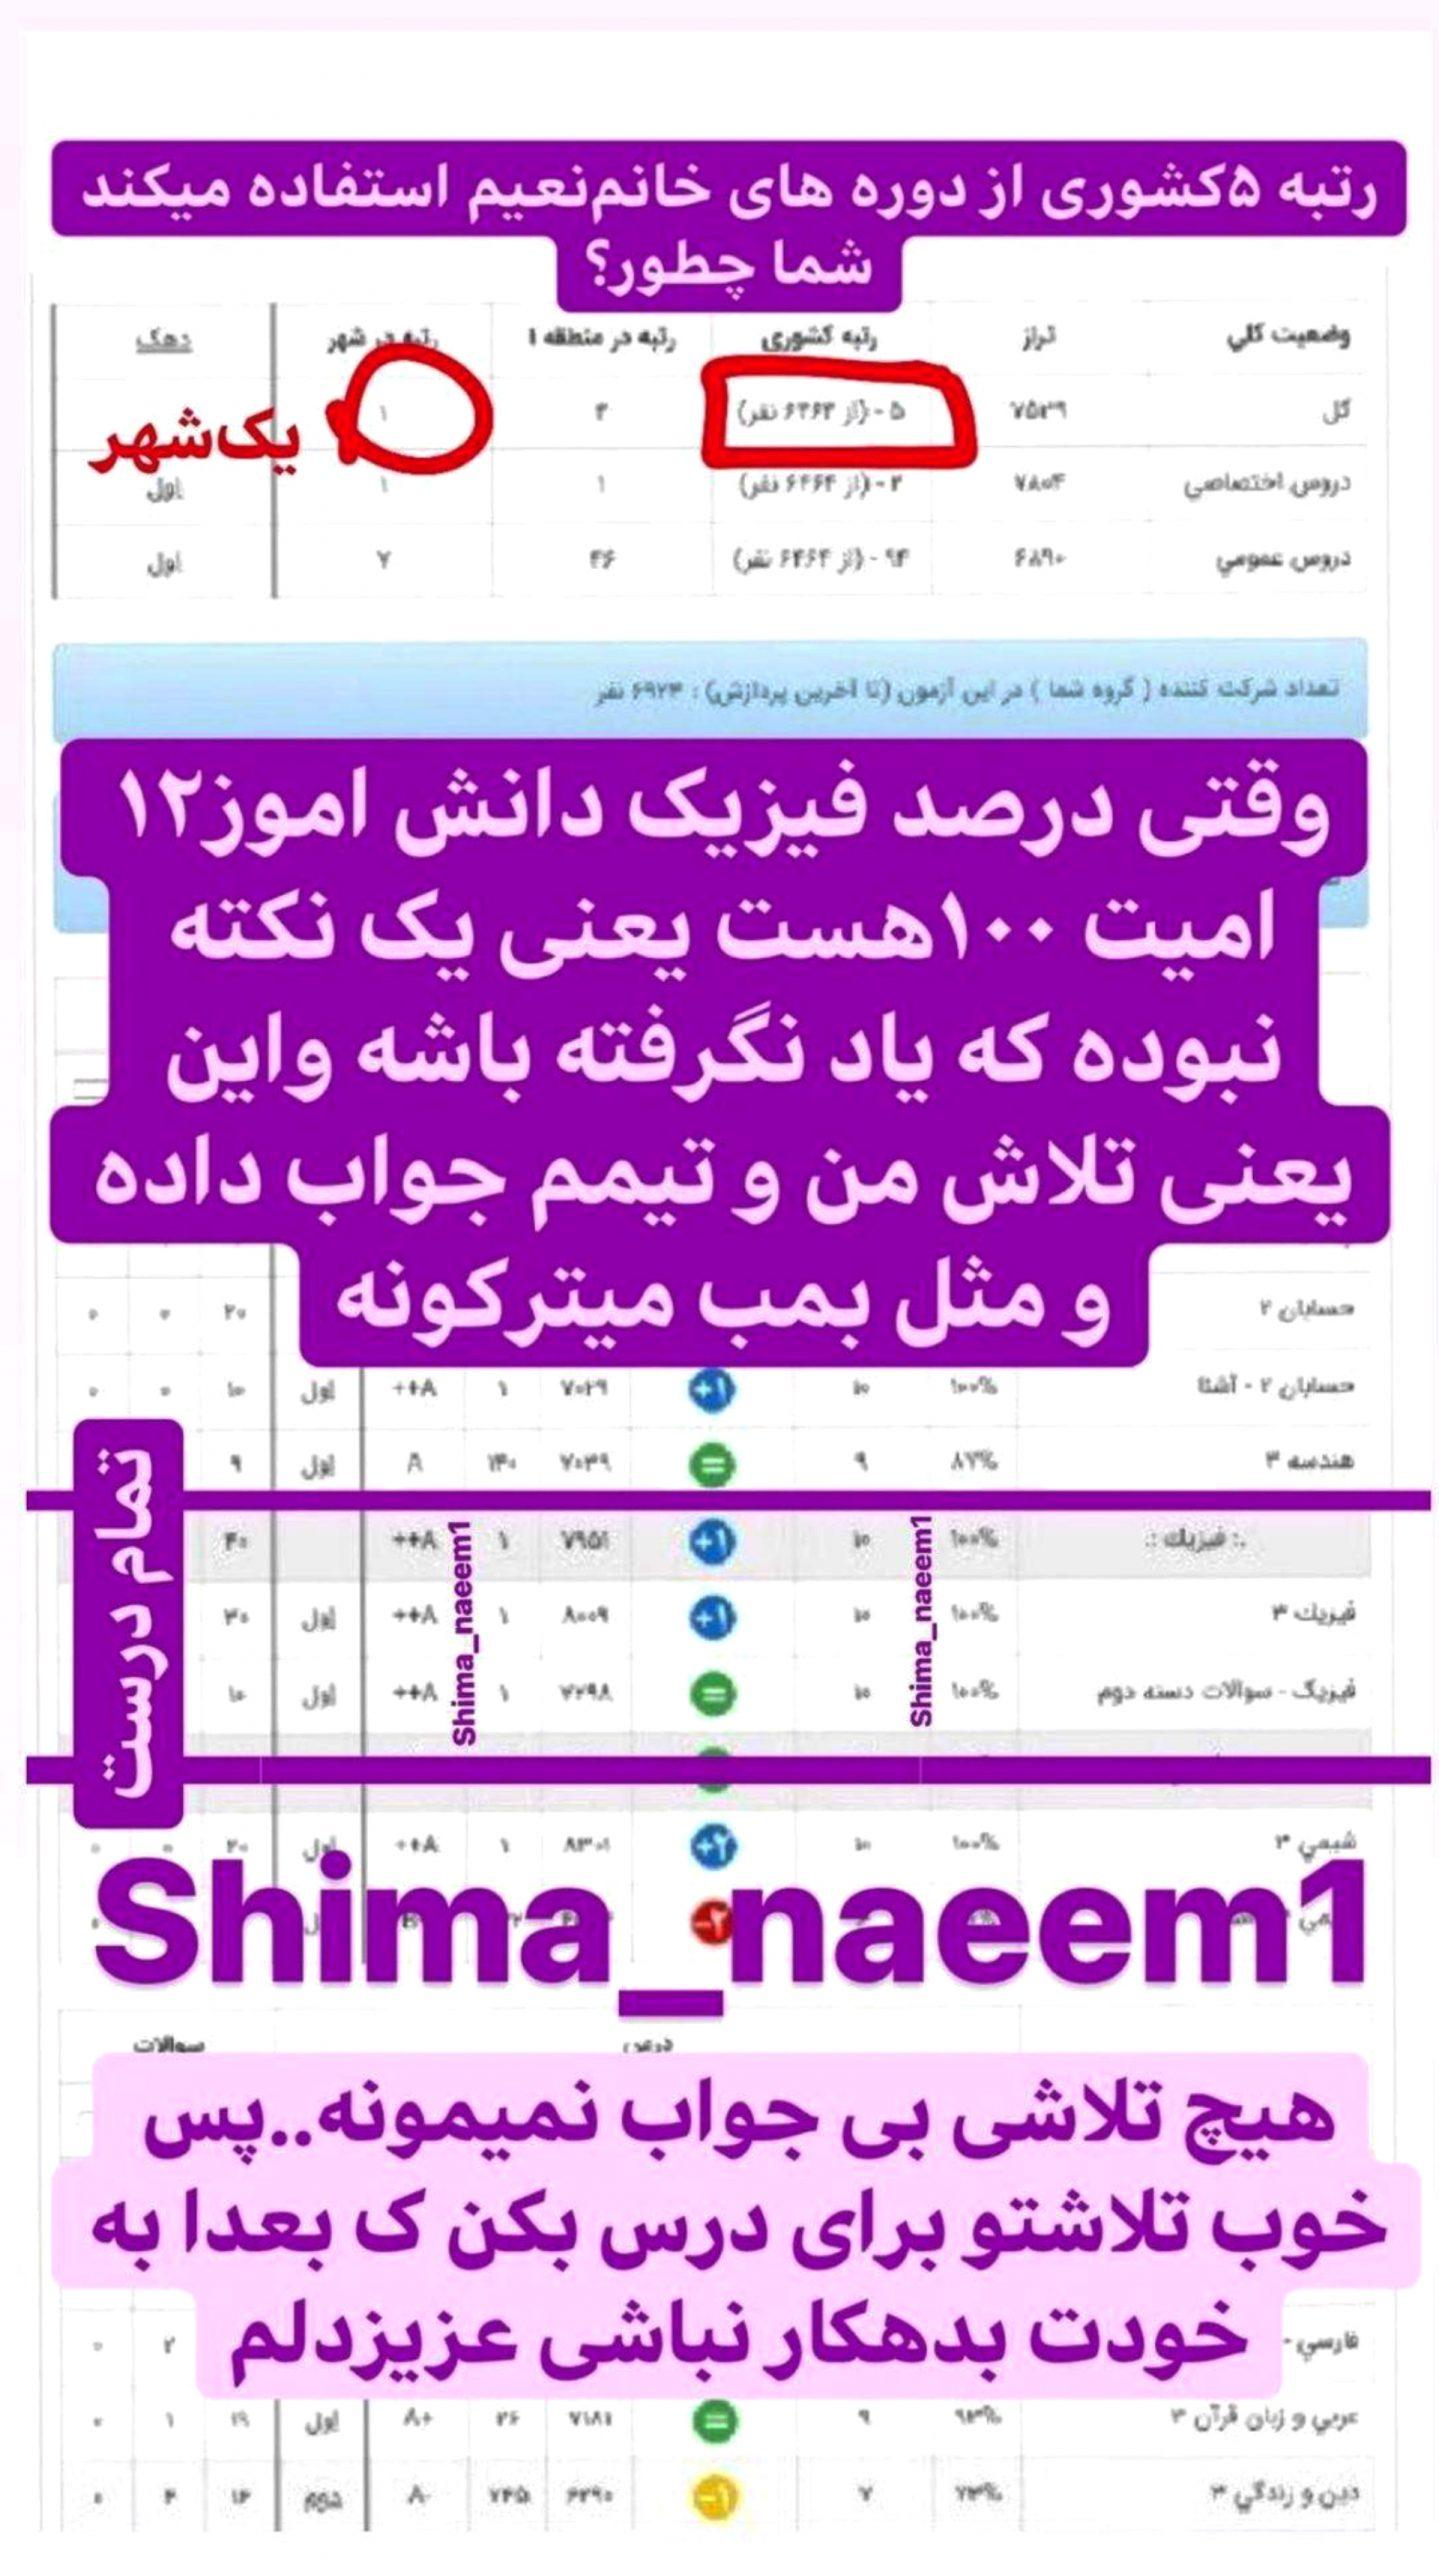 InShot_۲۰۲۱۰۷۰۹_۱۷۱۶۲۵۹۲۶